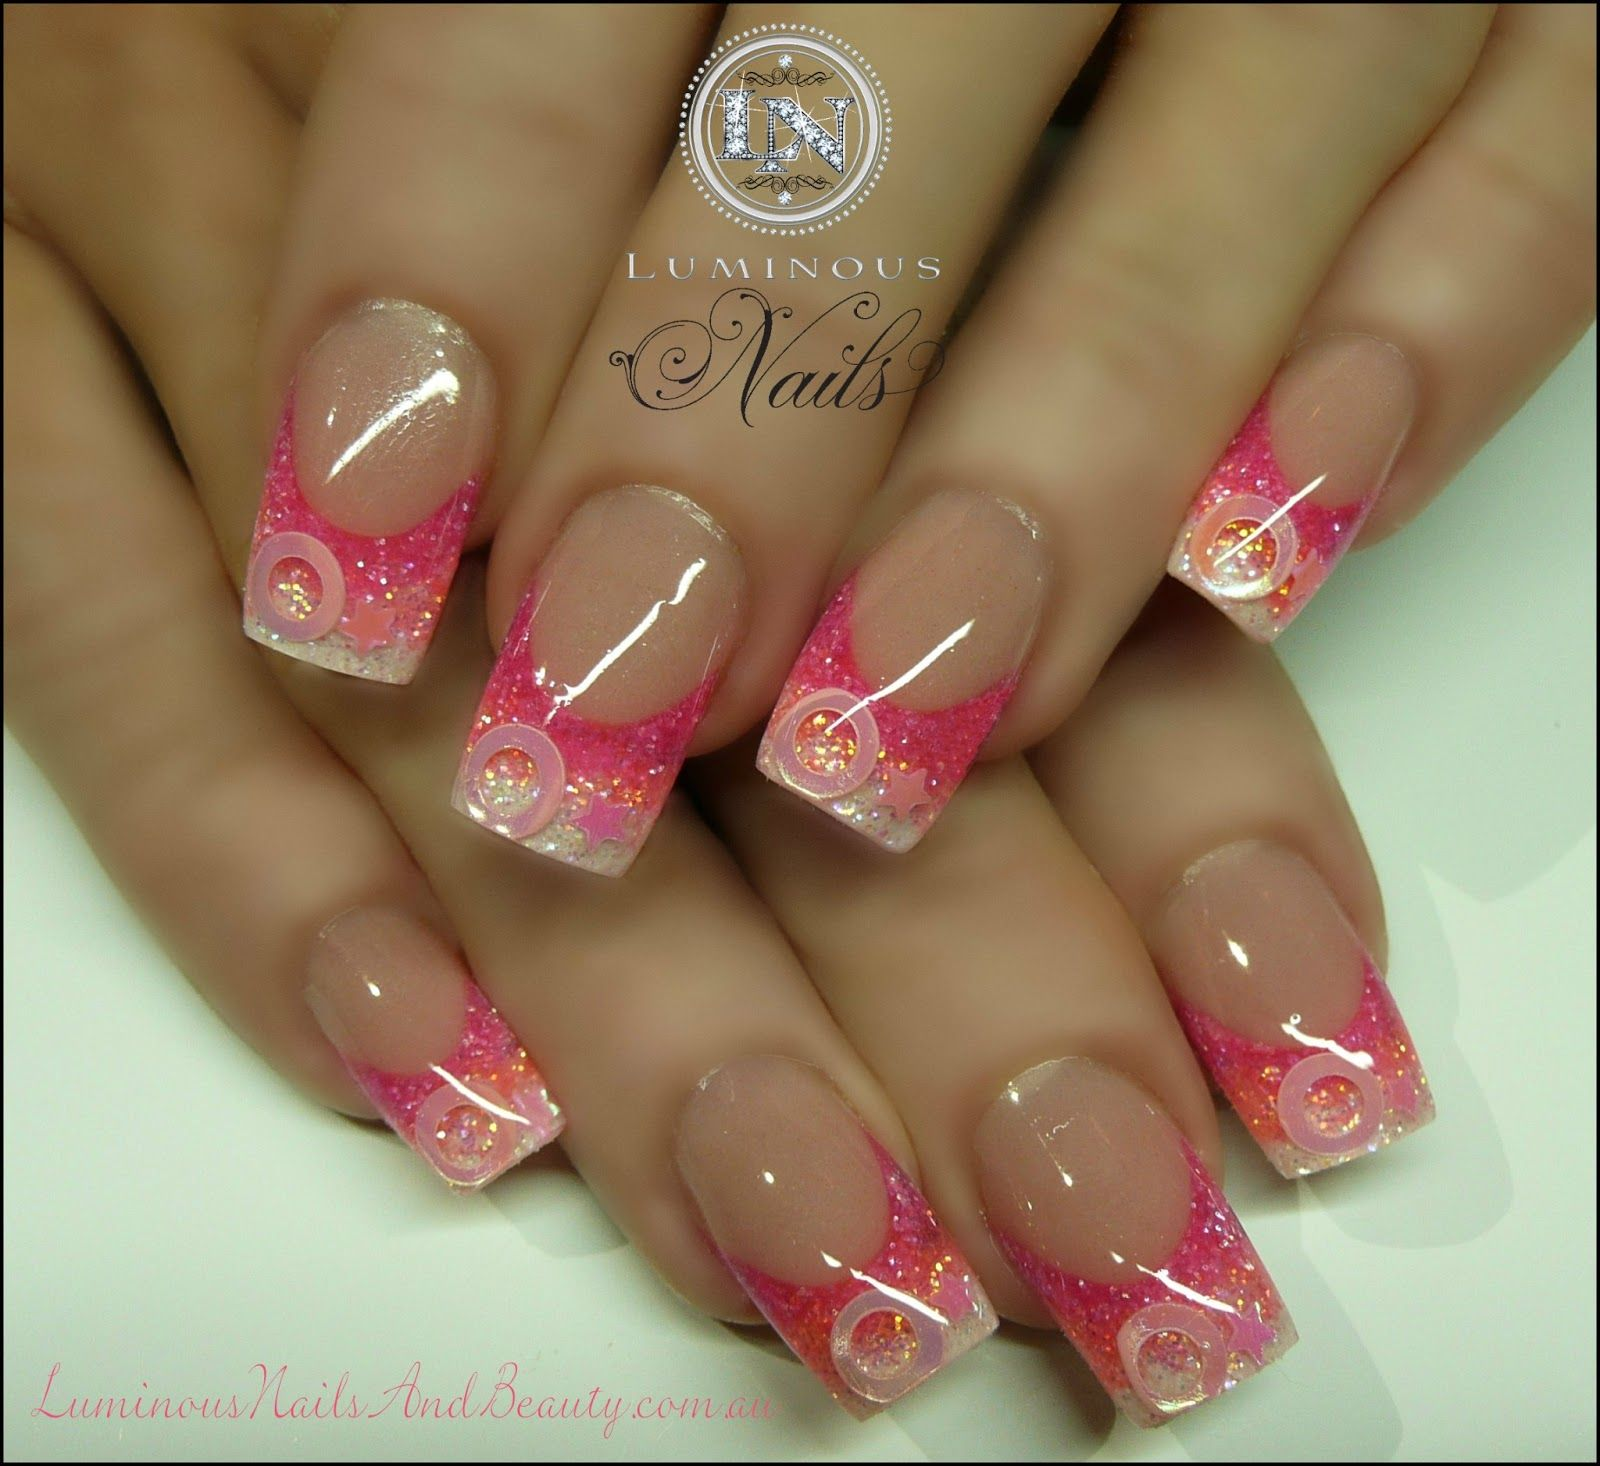 luminous nails pink orange &